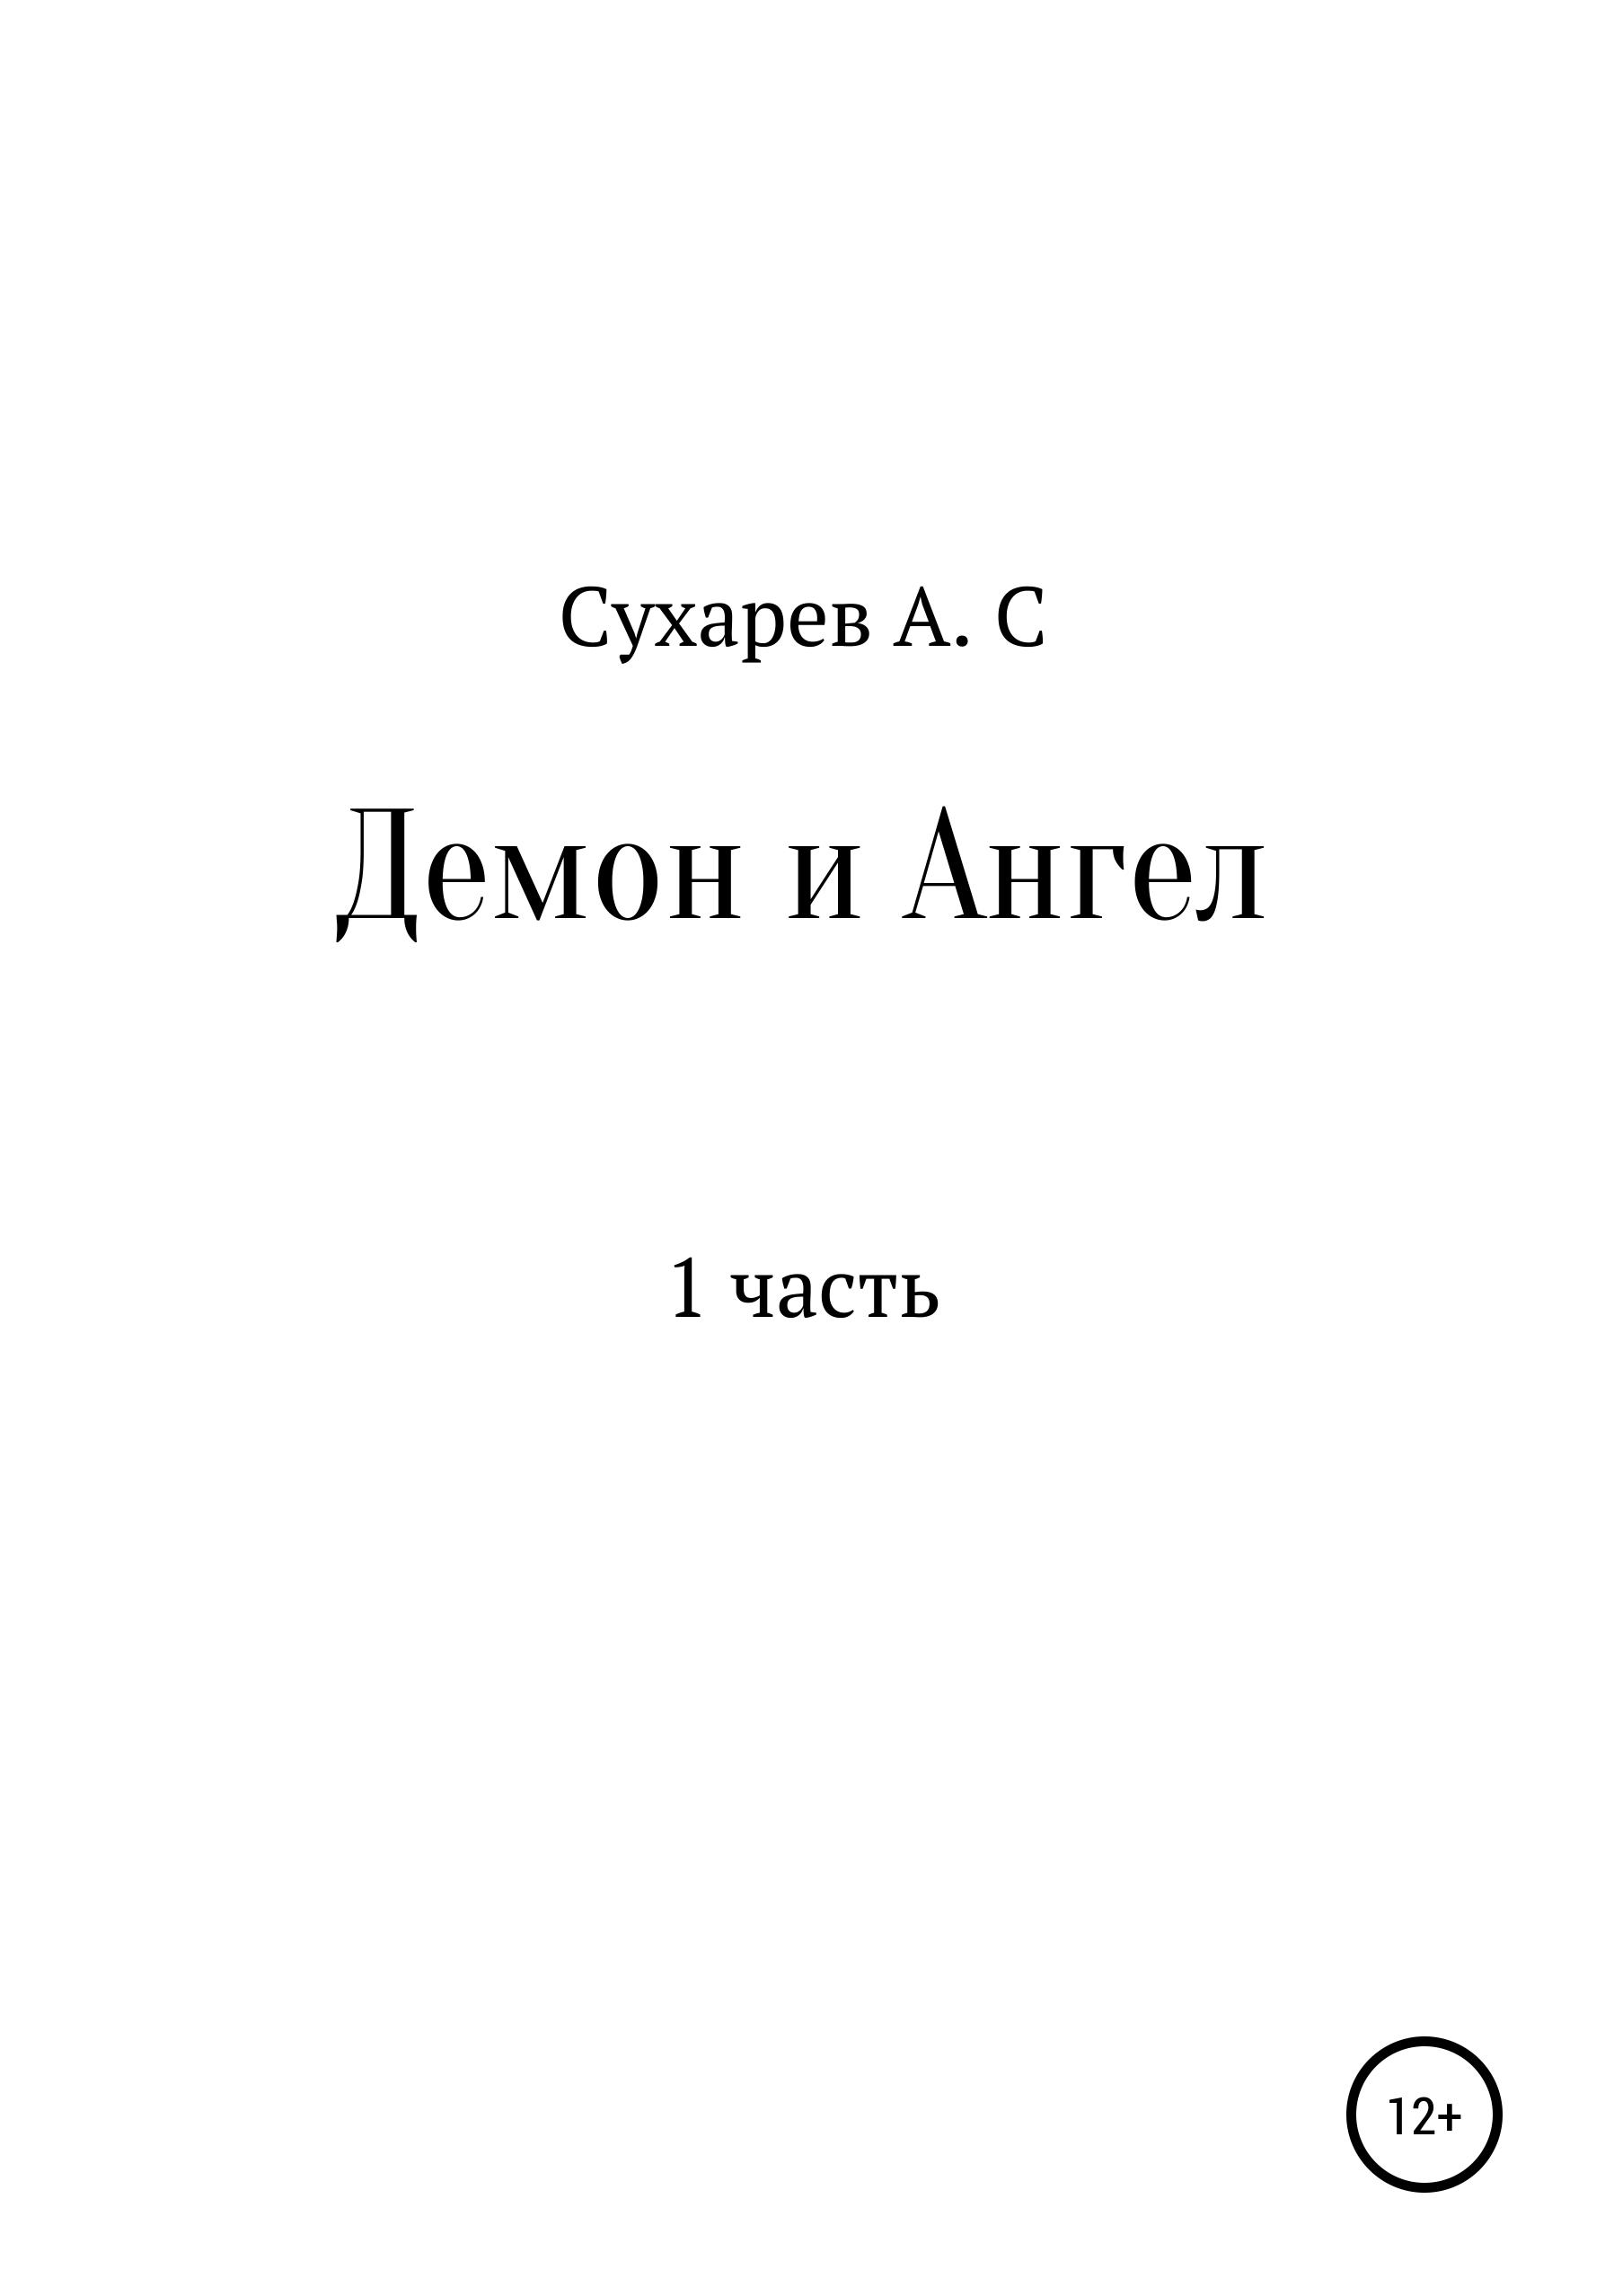 Купить книгу Демон и Ангел, автора Алексея Сергеевича Сухарева